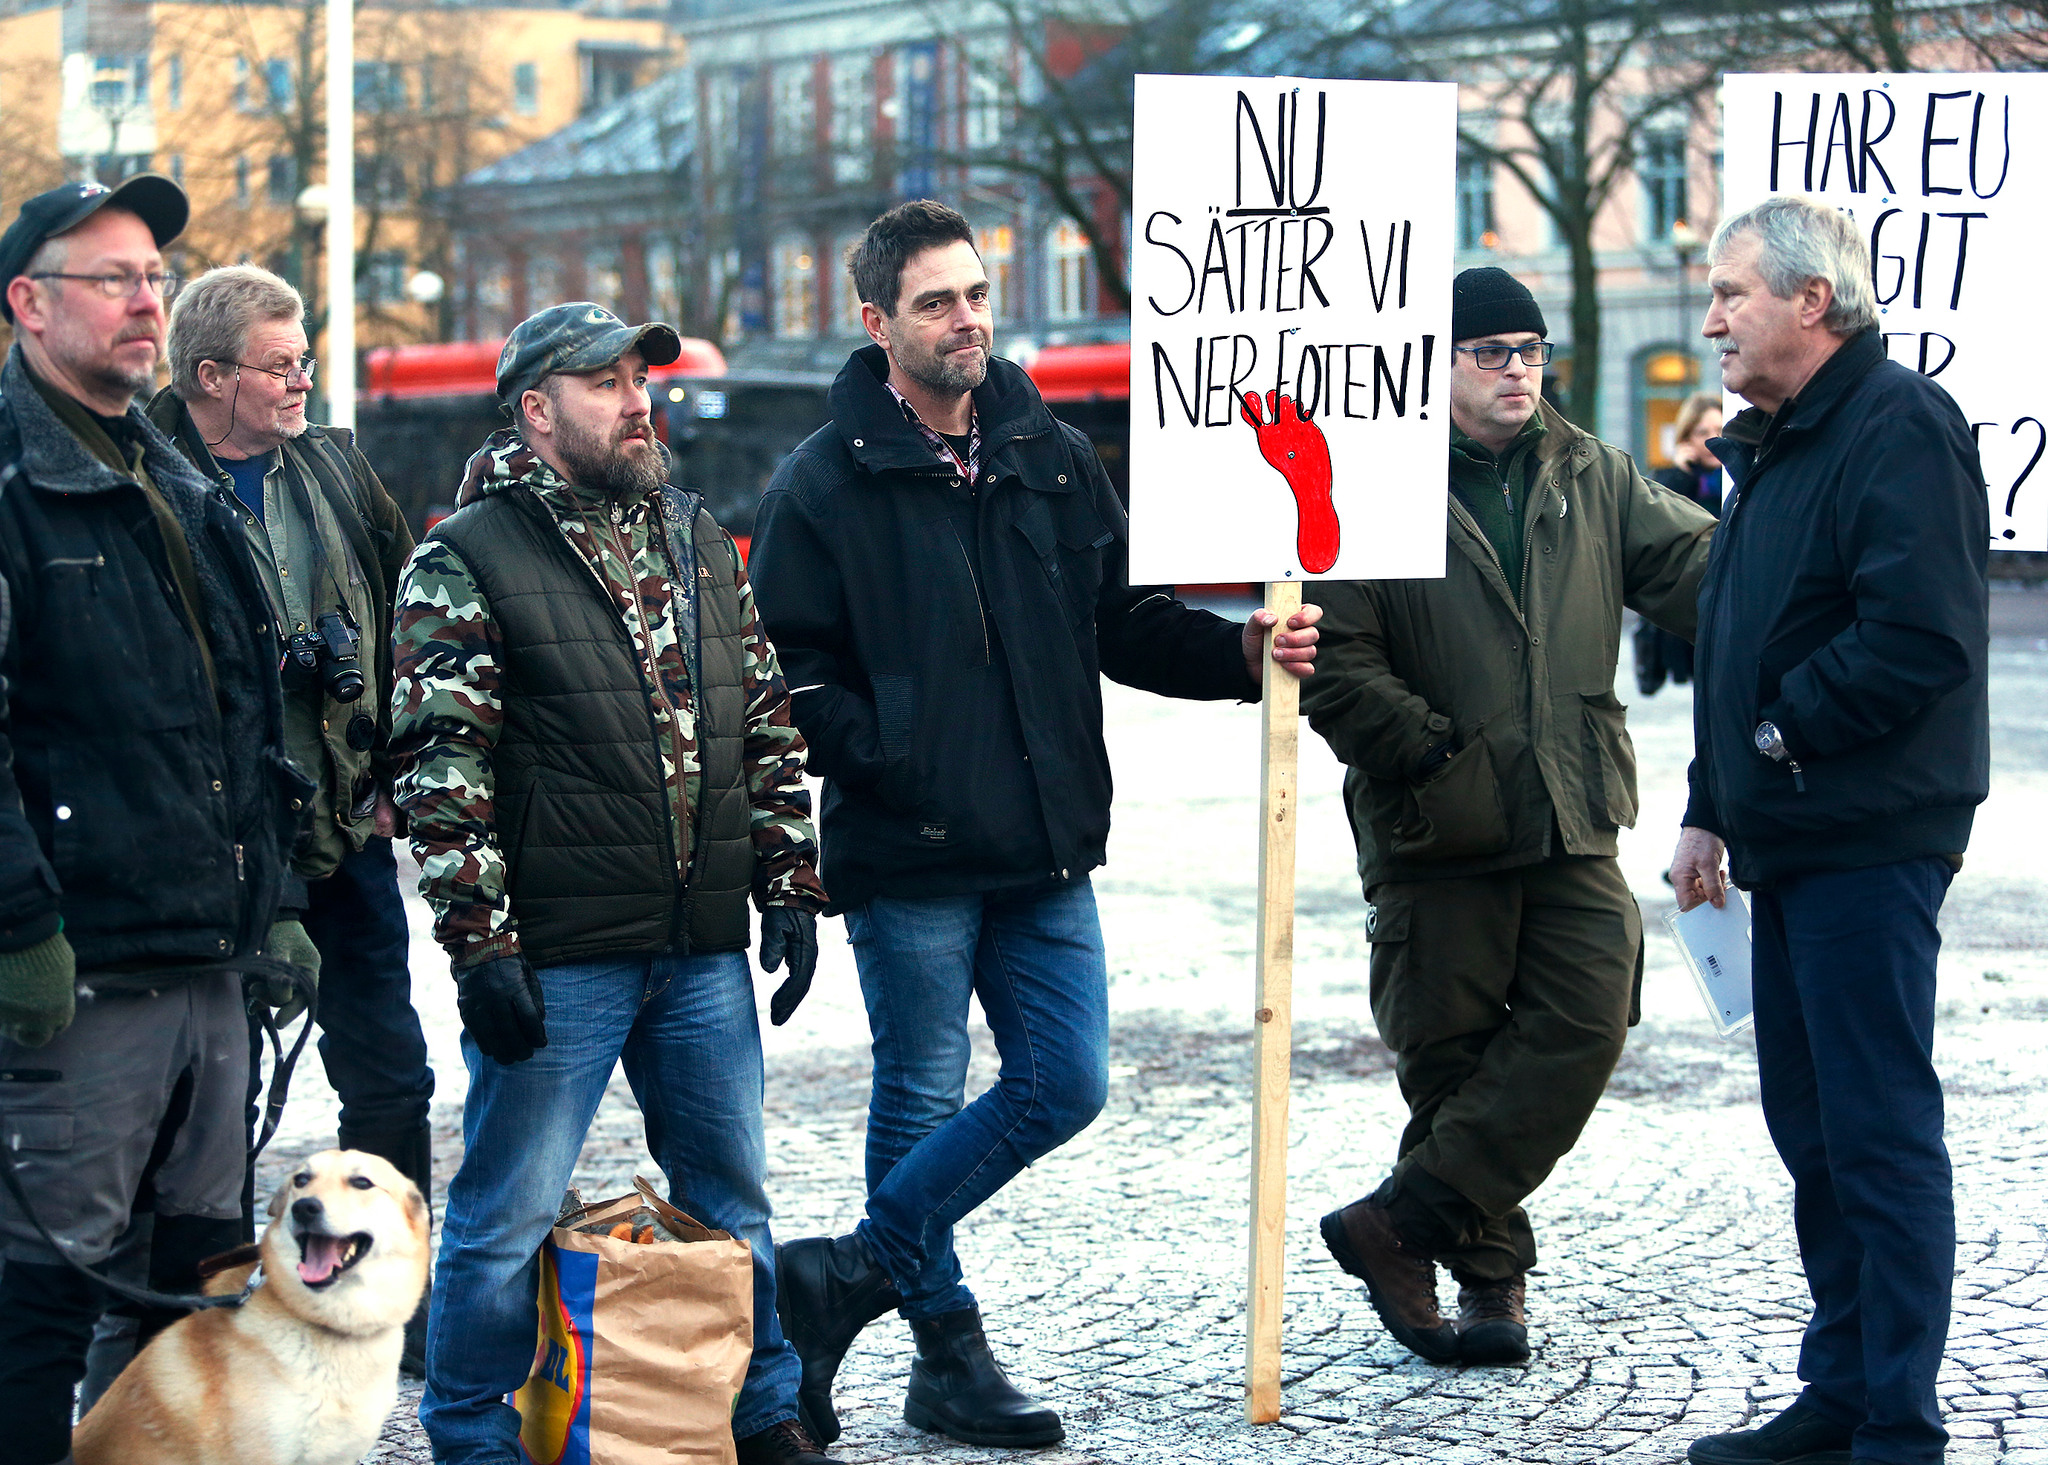 På lördag kommer det att demonstreras mot den ej fungerande vargpolitiken på tre platser: Karlstad, Torsby och Örebro. Foto: Linn Malmén